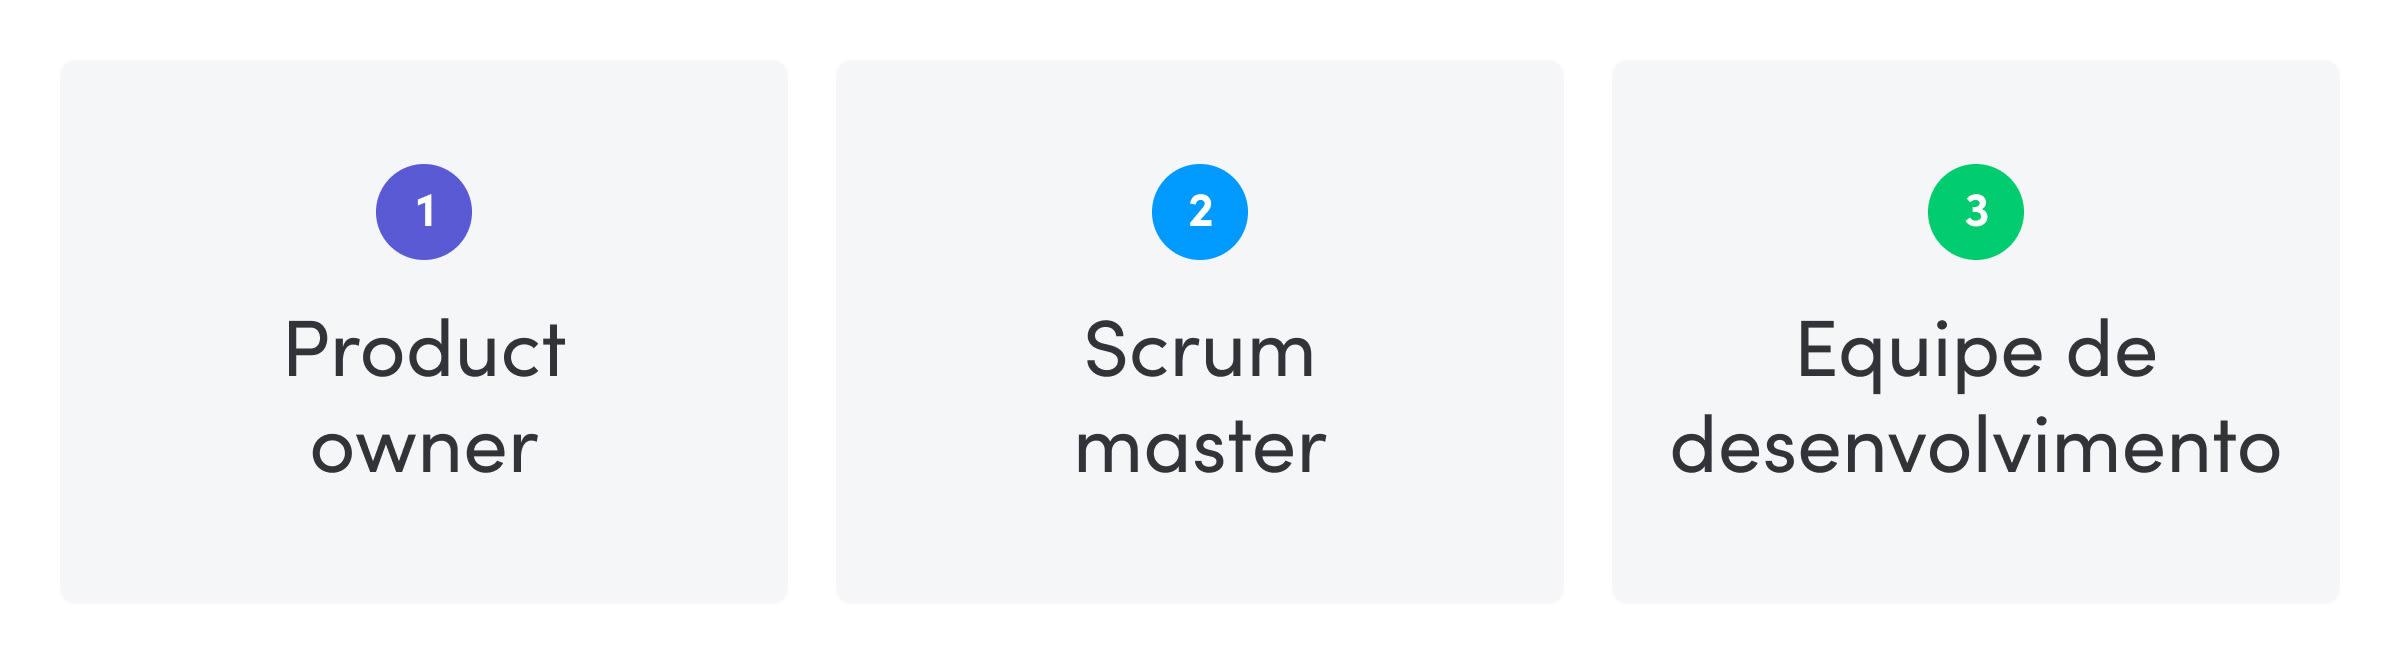 Quais-são-as-funções-comuns-no-Scrum